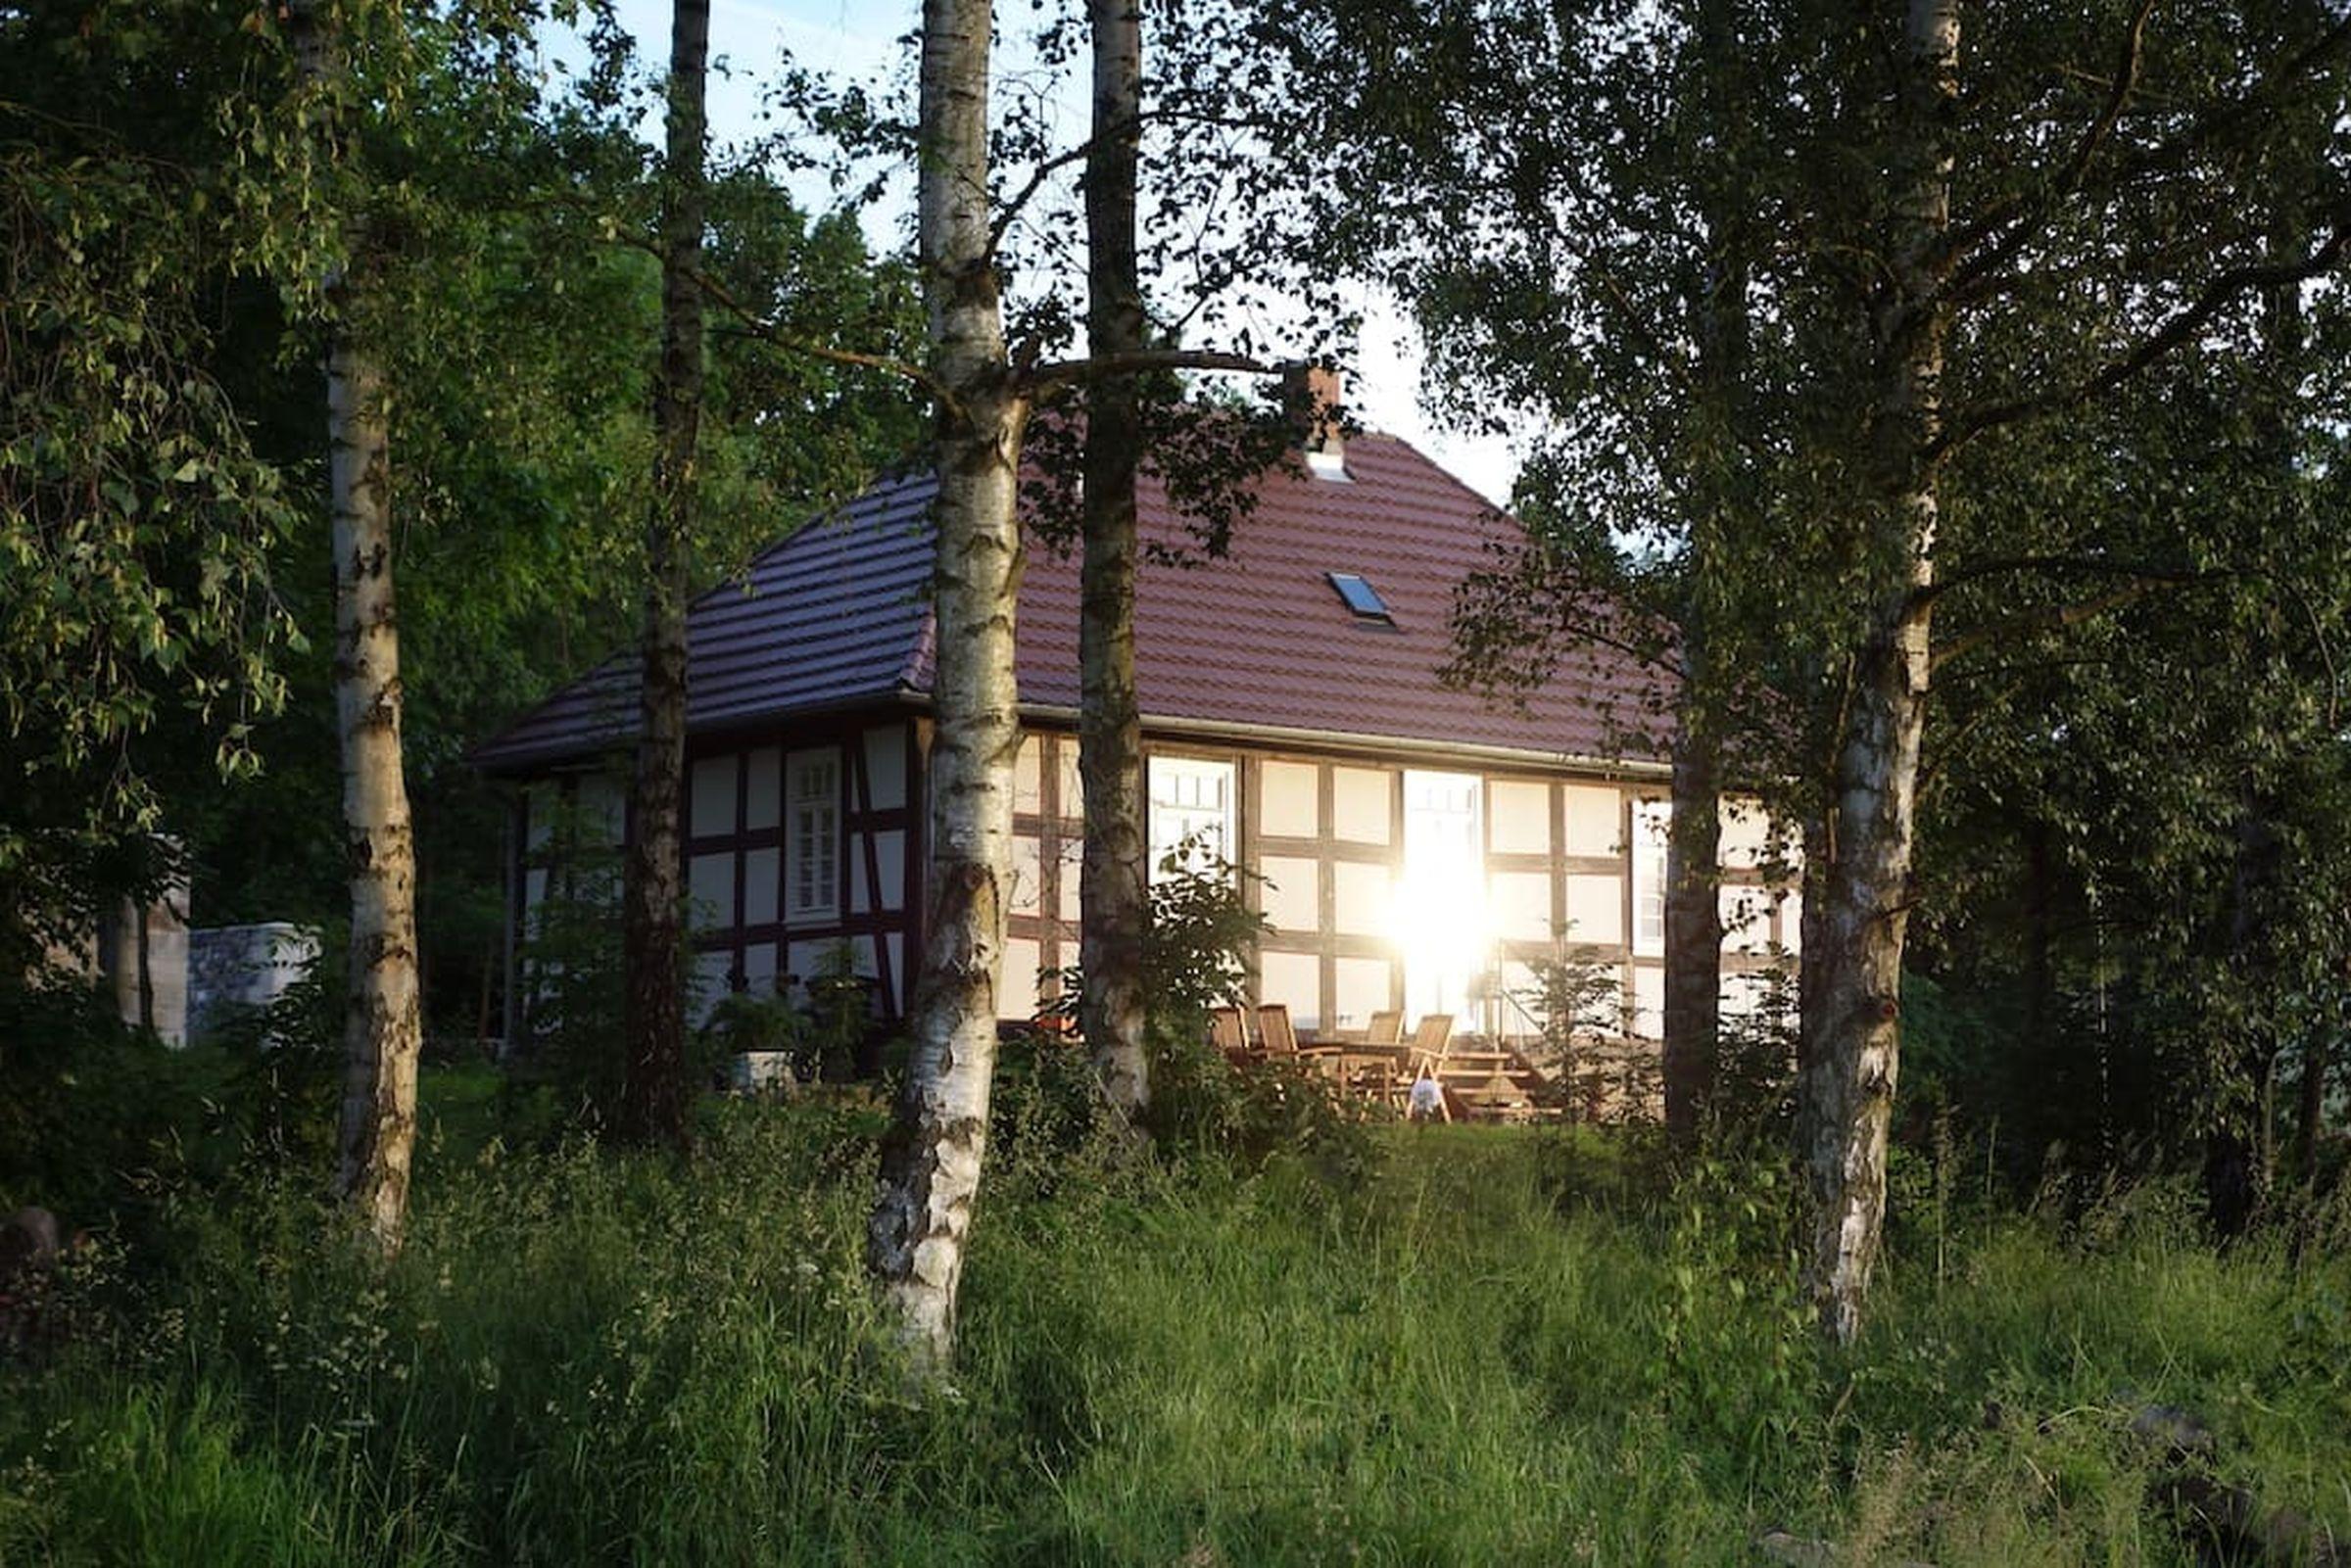 Ferienhaus Gutshof Gästehaus (Frielendorf). Historisches Schäferhaus, 70qm, Terrasse, 1 Schlafzimmer, (2546851), Frielendorf, Nordhessen, Hessen, Deutschland, Bild 12